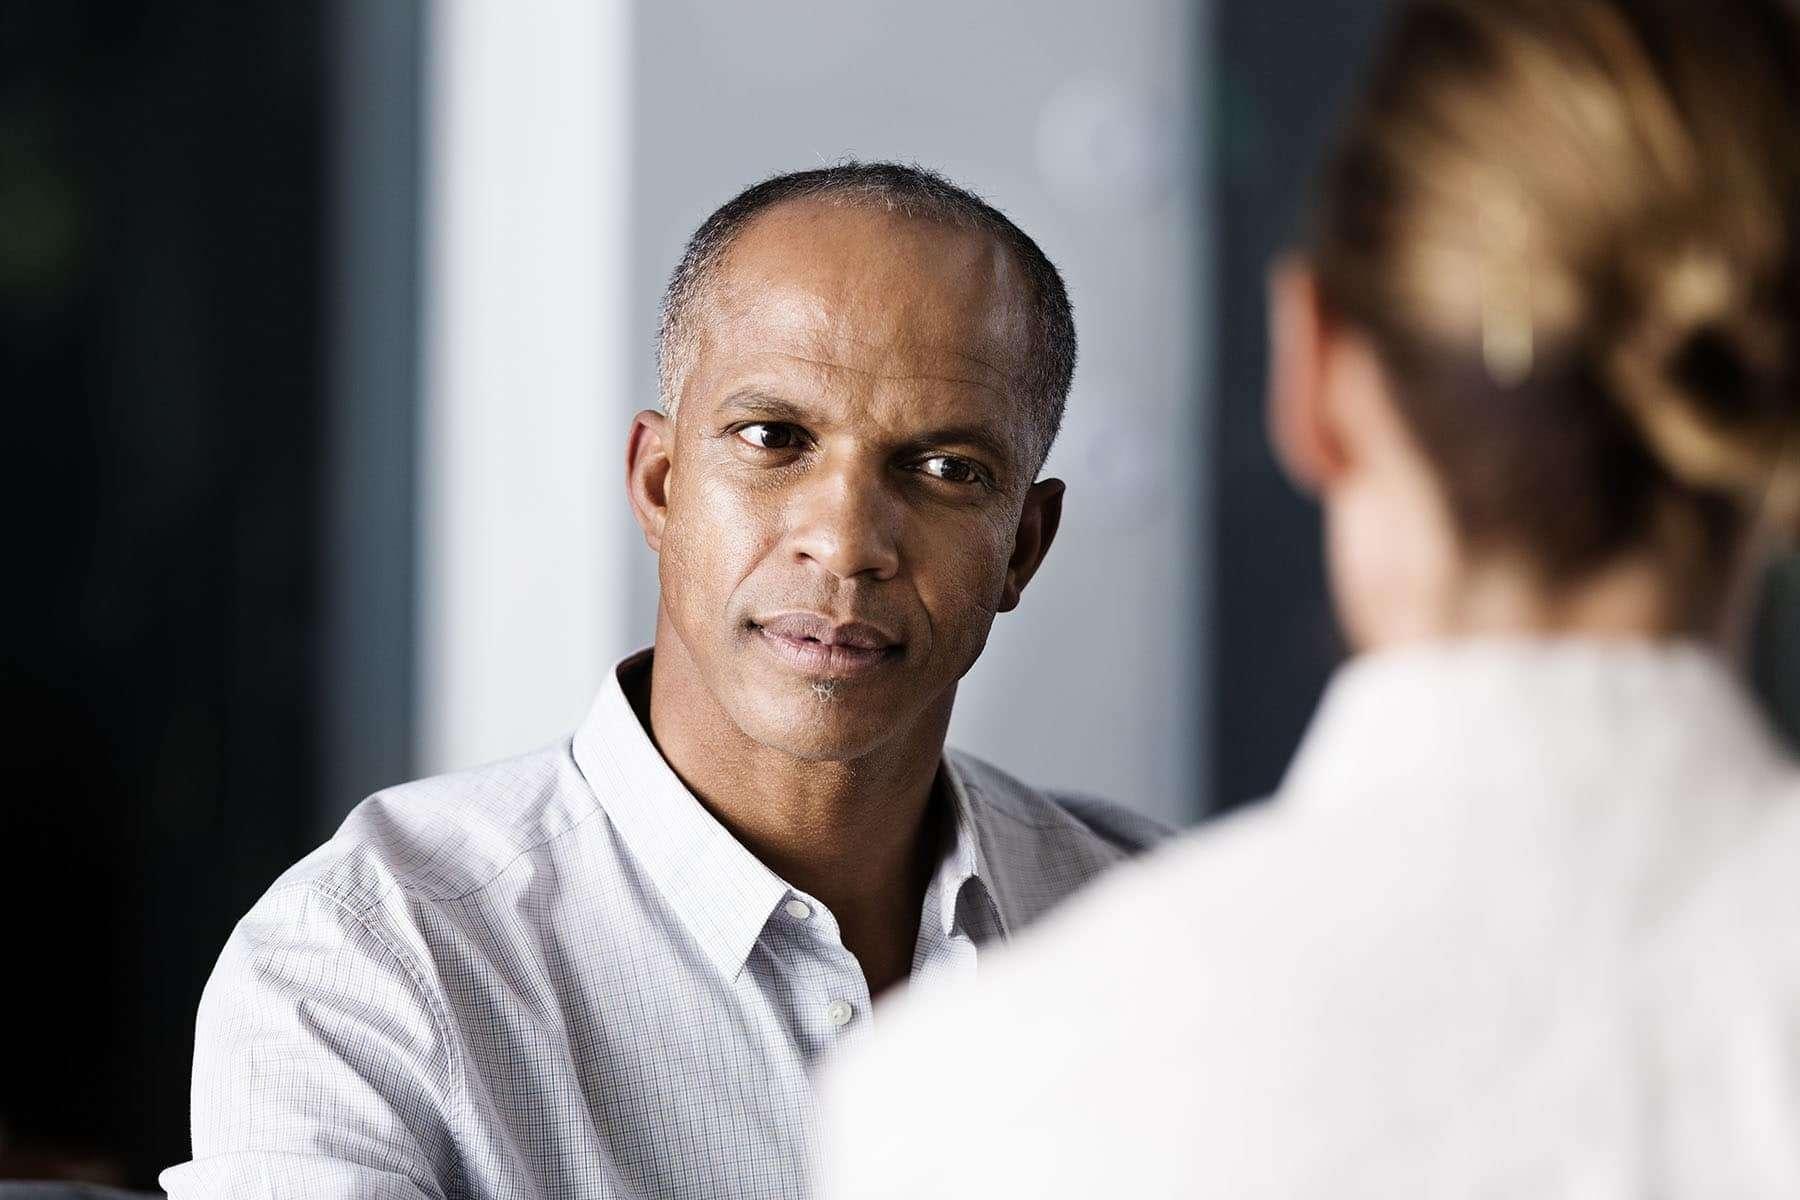 Actilife-la-calvicie-prematura-y-prostata-estan-relacionados